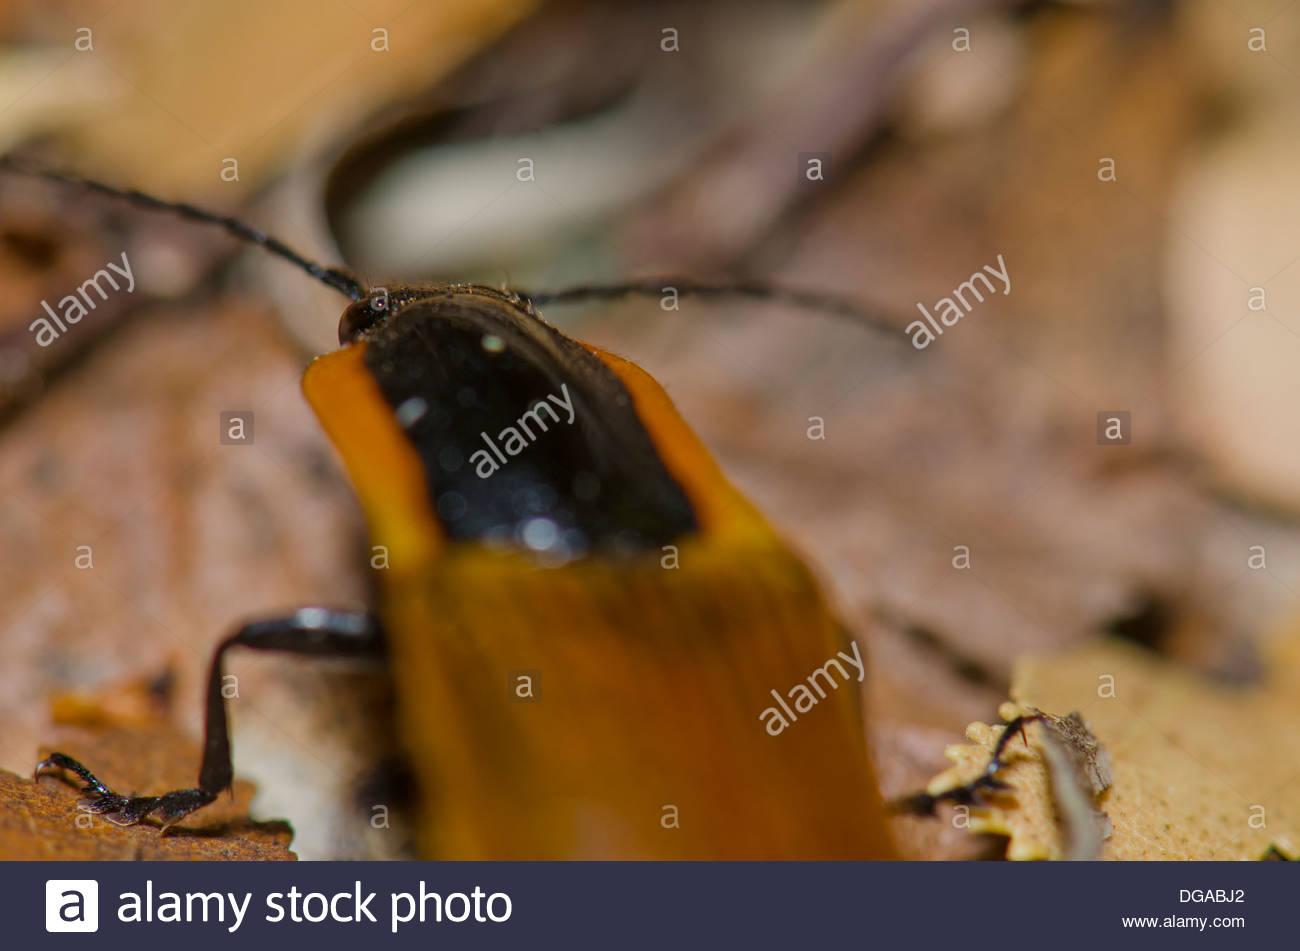 Elateridae Beetles Stock Photos & Elateridae Beetles Stock